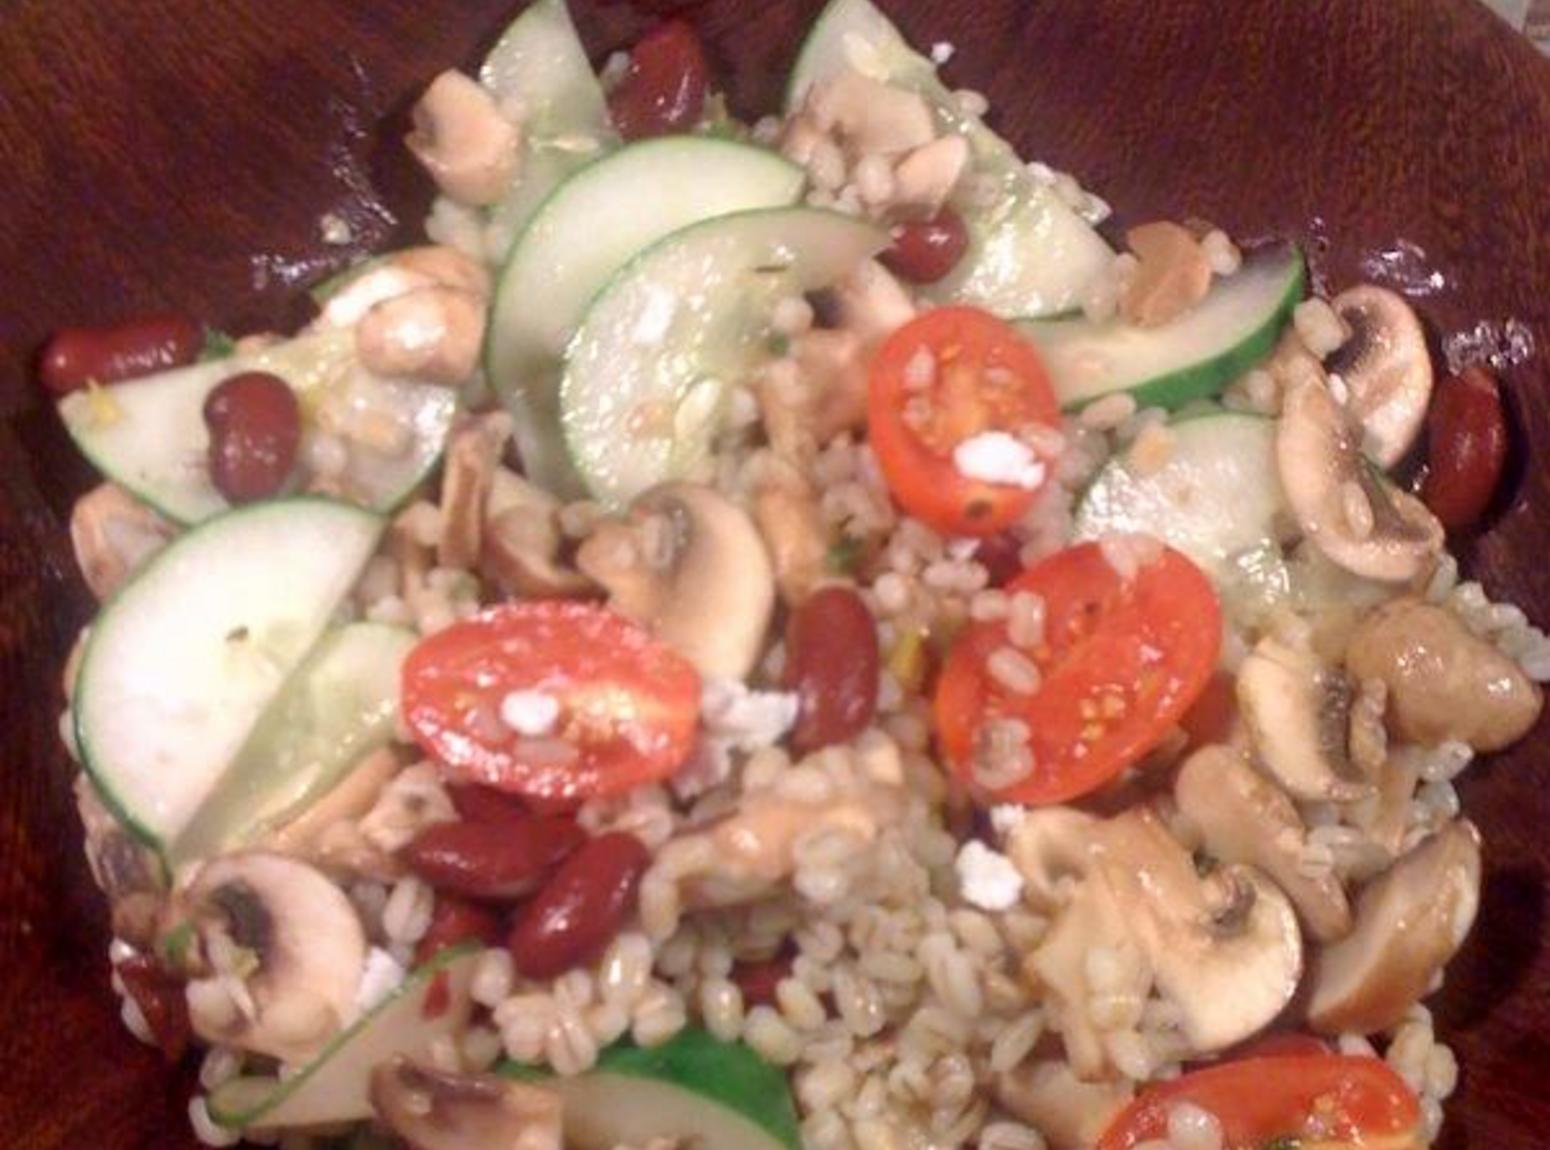 Mushroom Vegetable Barley Salad with Lemon Vinaigrette Recipe